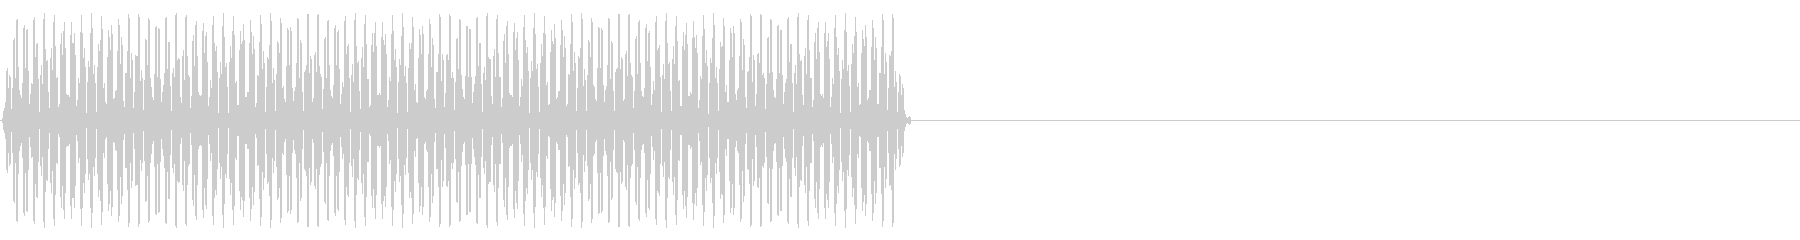 『ピッ』電話のプッシュ音(3)-単音の未再生の波形